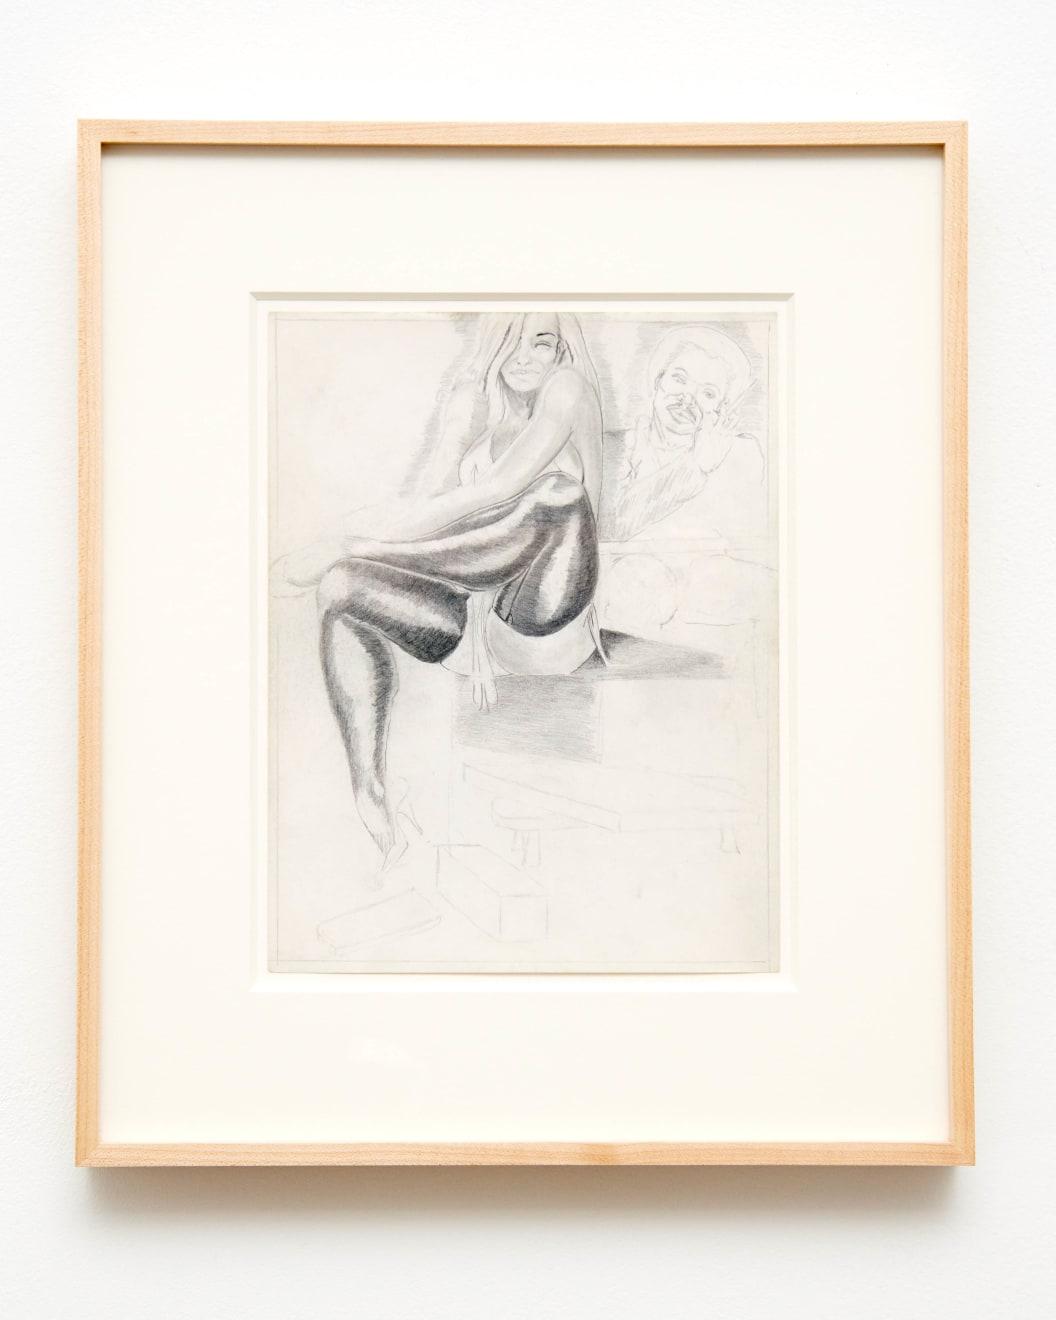 William Crawford, Untitled